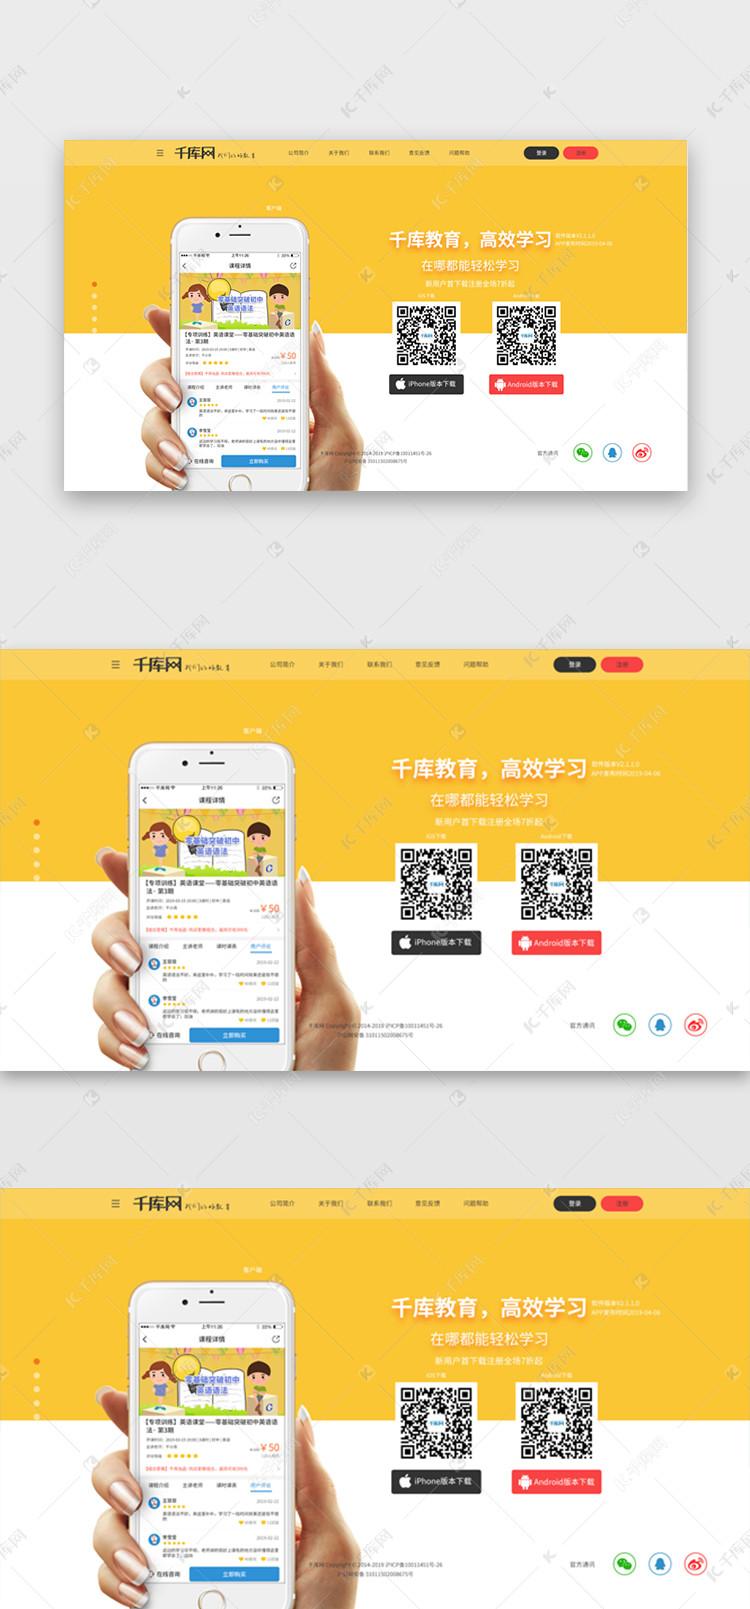 网站系黄色软件下载页面ui设计素材湖南省建筑设计院老办公楼图片